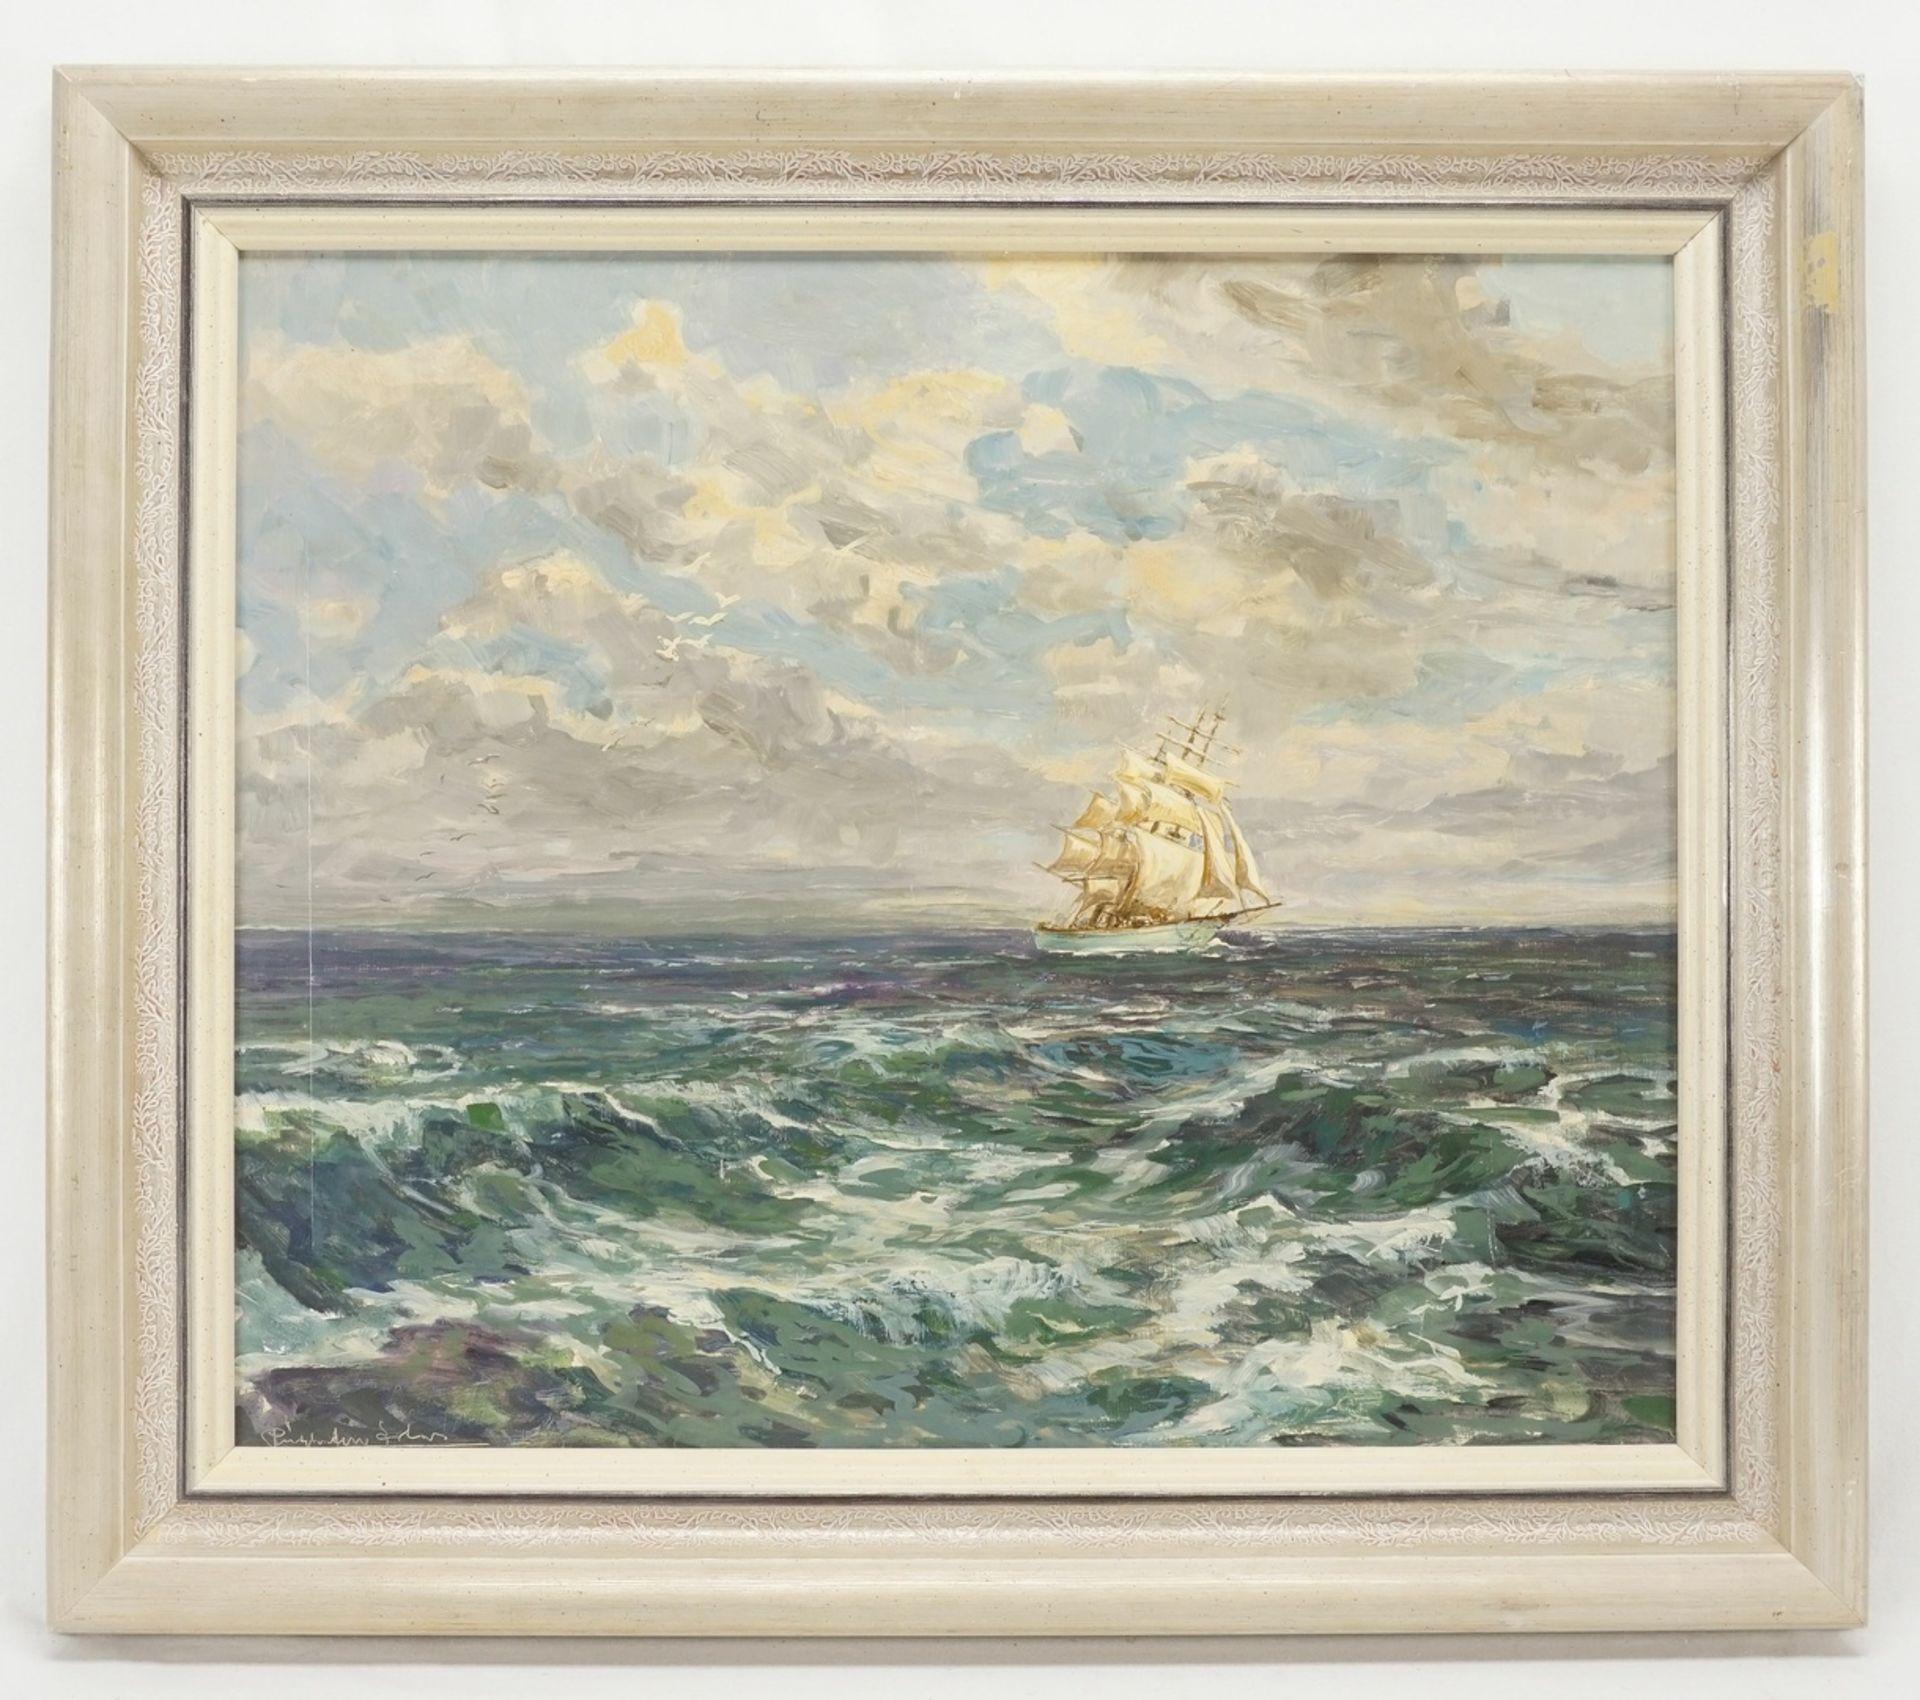 Marinemaler, Dreimaster unter vollen Segeln auf hoher See - Bild 2 aus 4